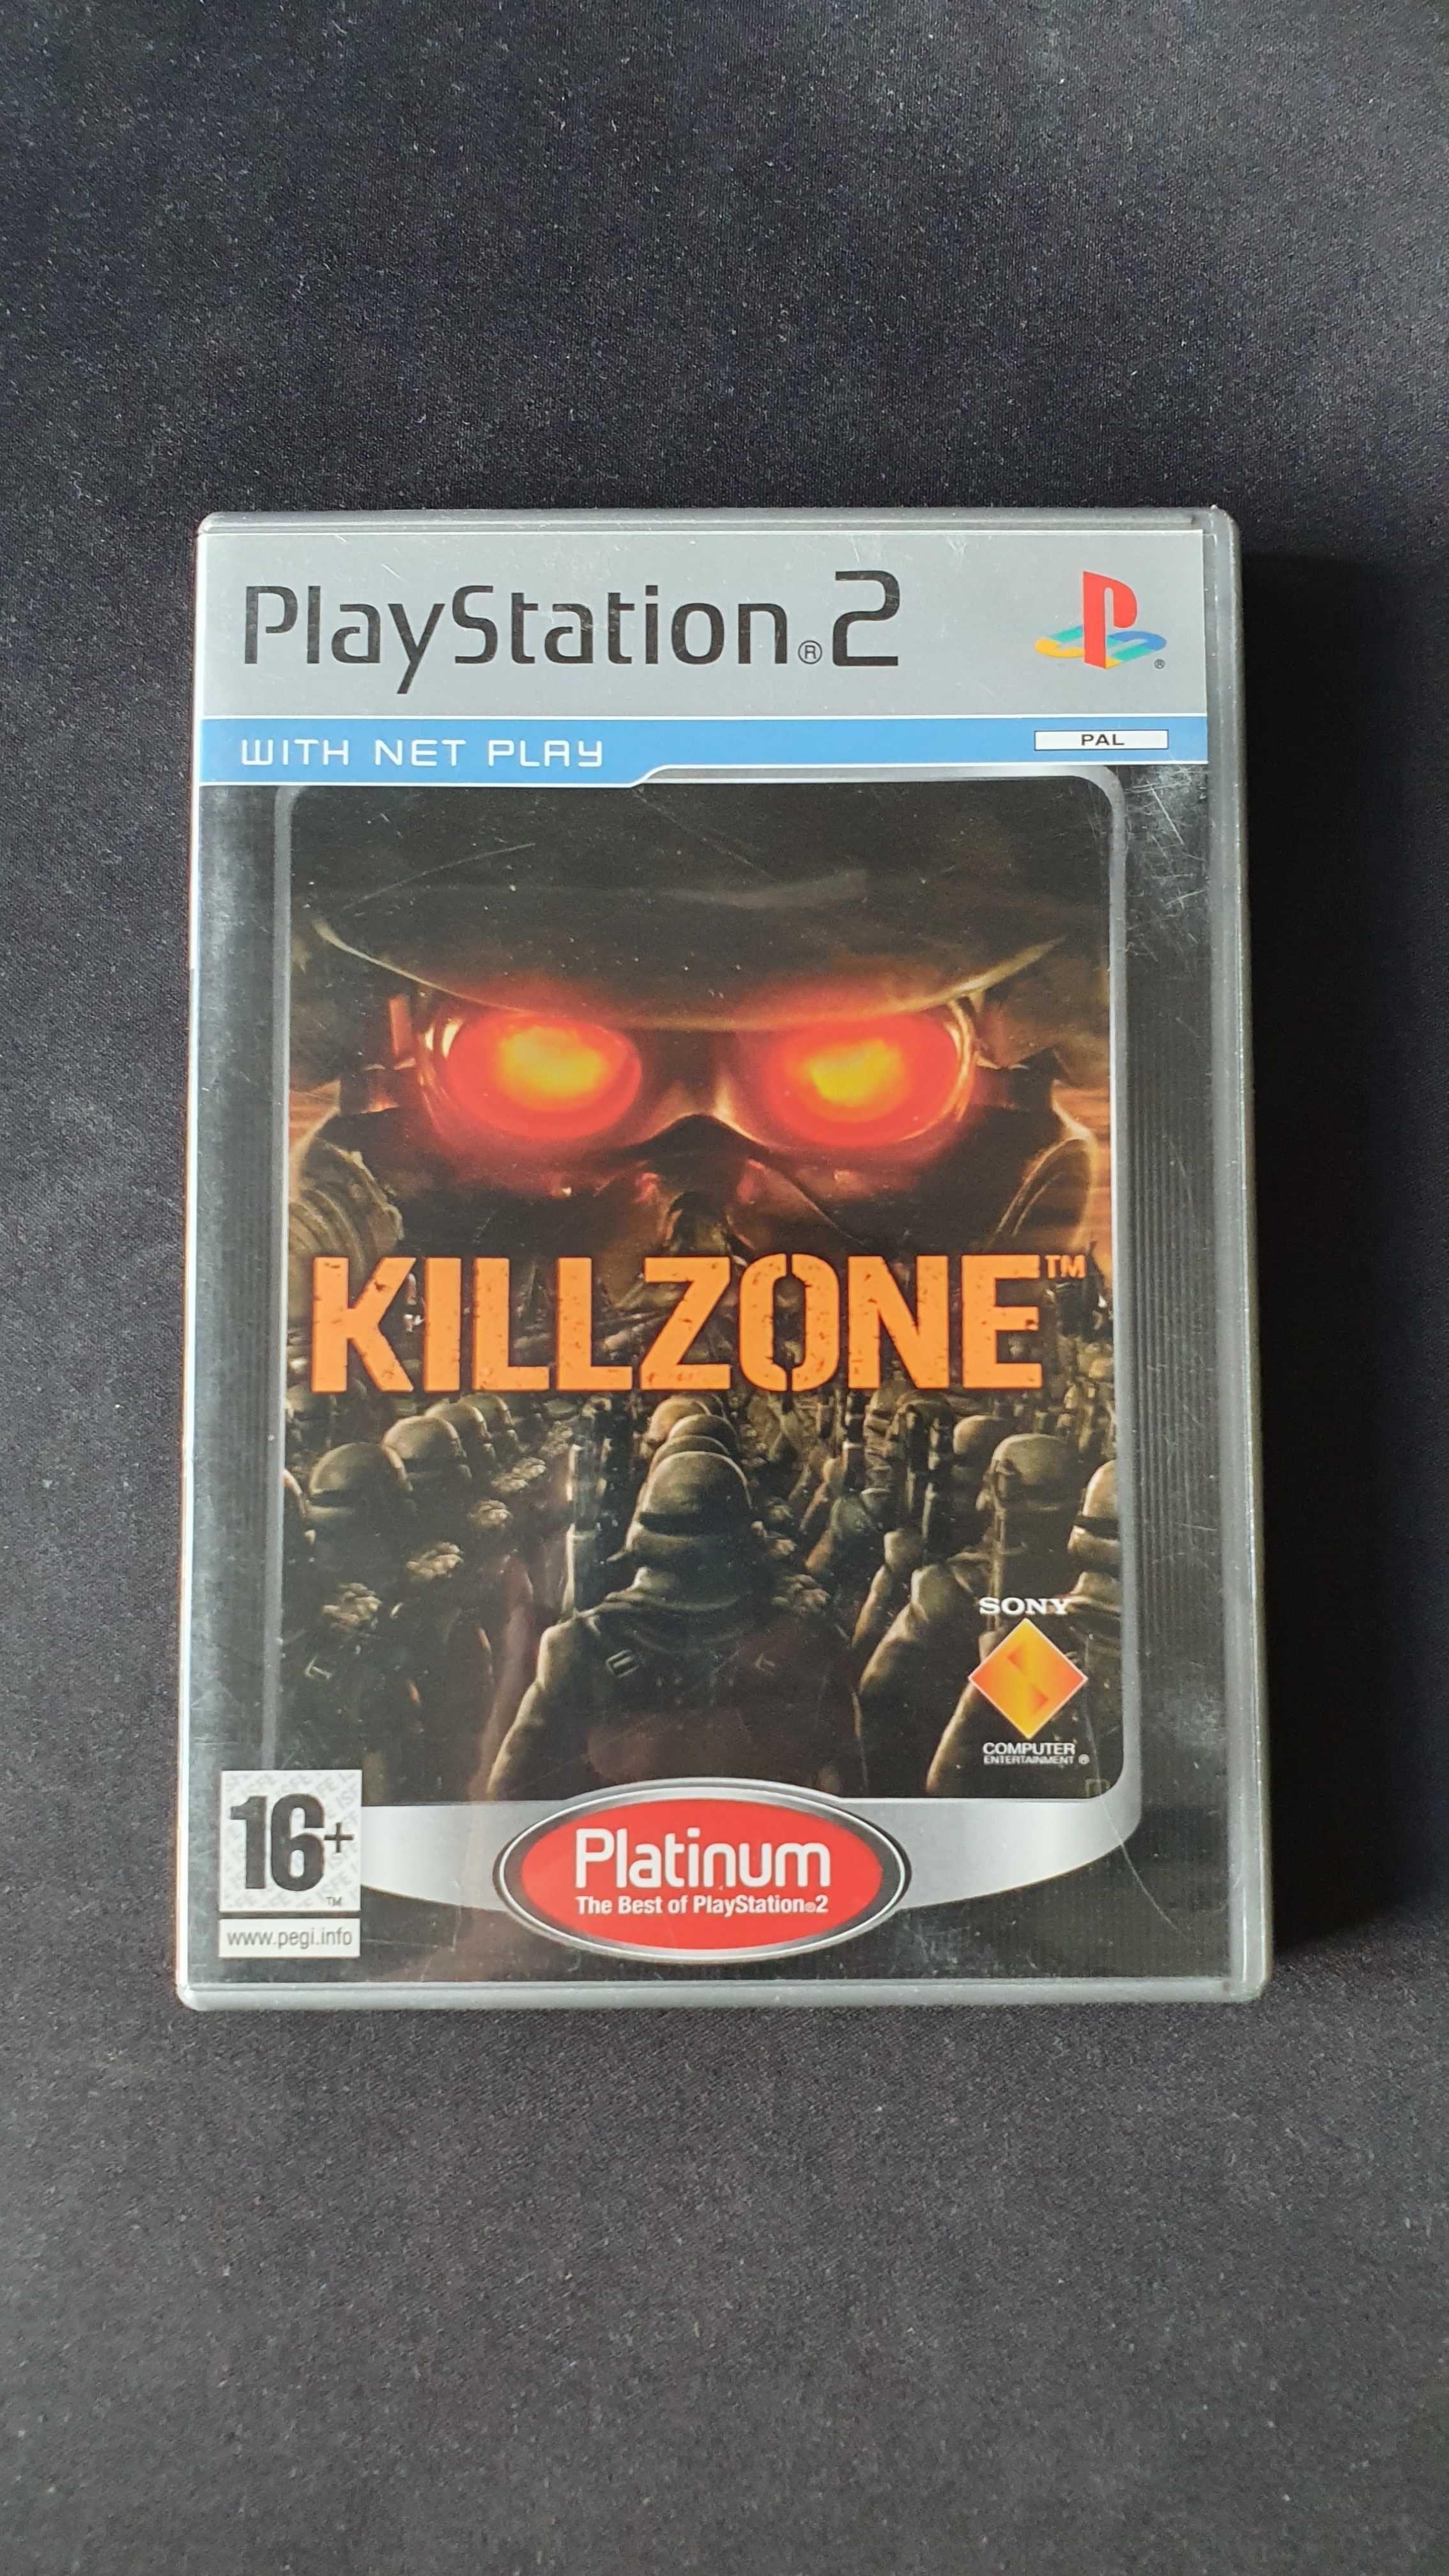 Killzone - Playstation 2